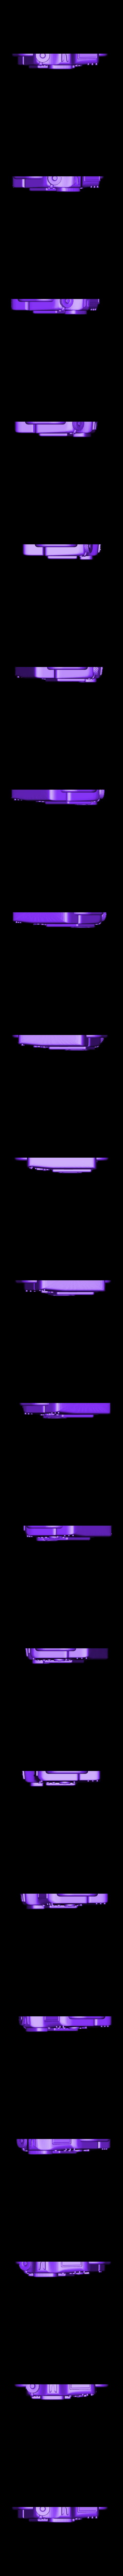 boitier 2.stl Télécharger fichier STL gratuit Porte clé Appareil photo  • Objet pour imprimante 3D, Warendys